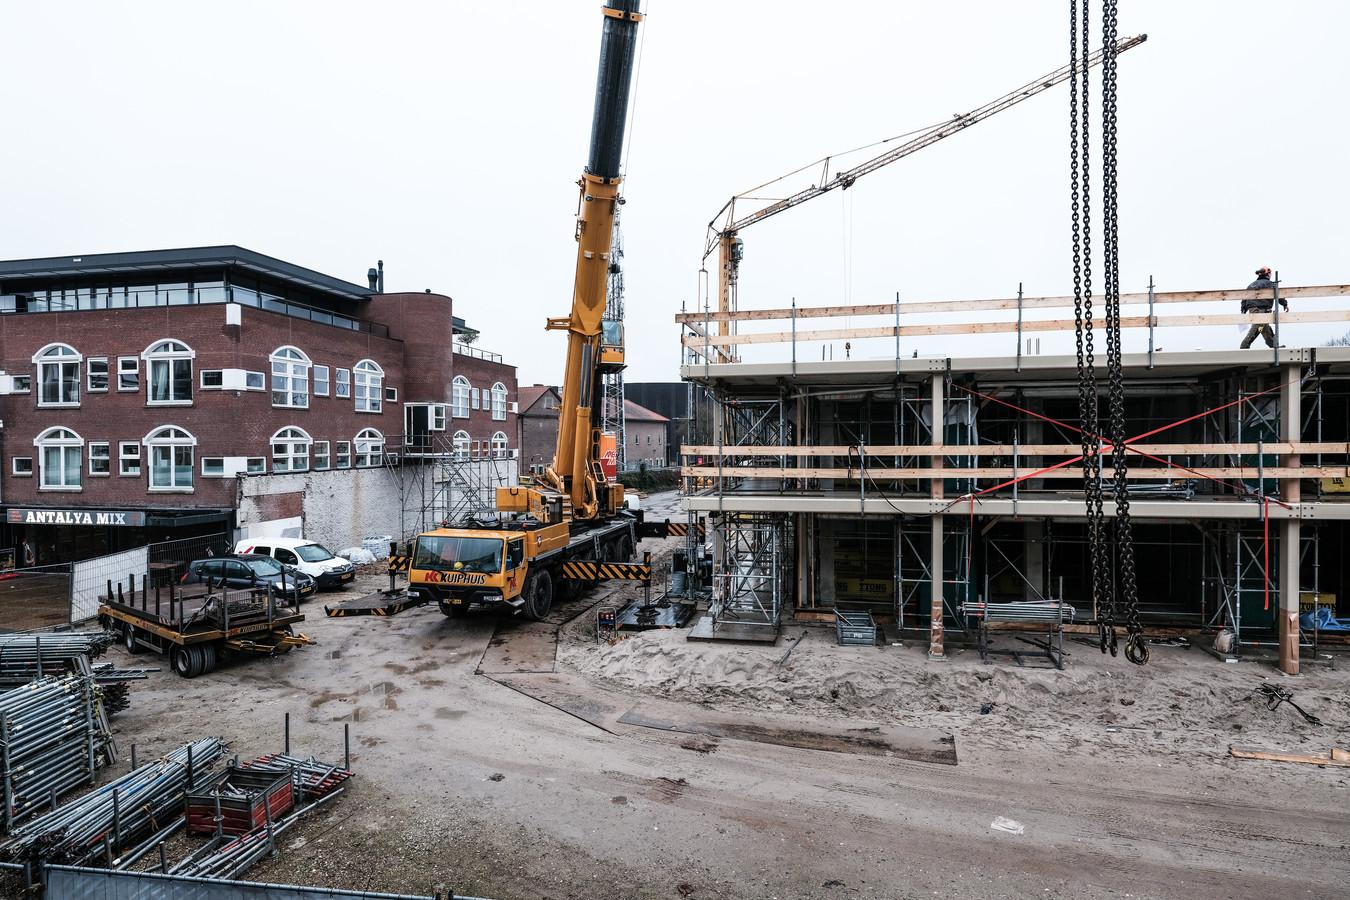 De bevolkingstoename in Doetinchem is onder meer het gevolg van de bouw van de wijken Iseldoks en Wijnbergen. Op De Veentjes (zie foto), nabij het stadscentrum, verrijst op dit moment bovendien een complex met 75 appartementen. Foto: Jan Ruland van den Brink